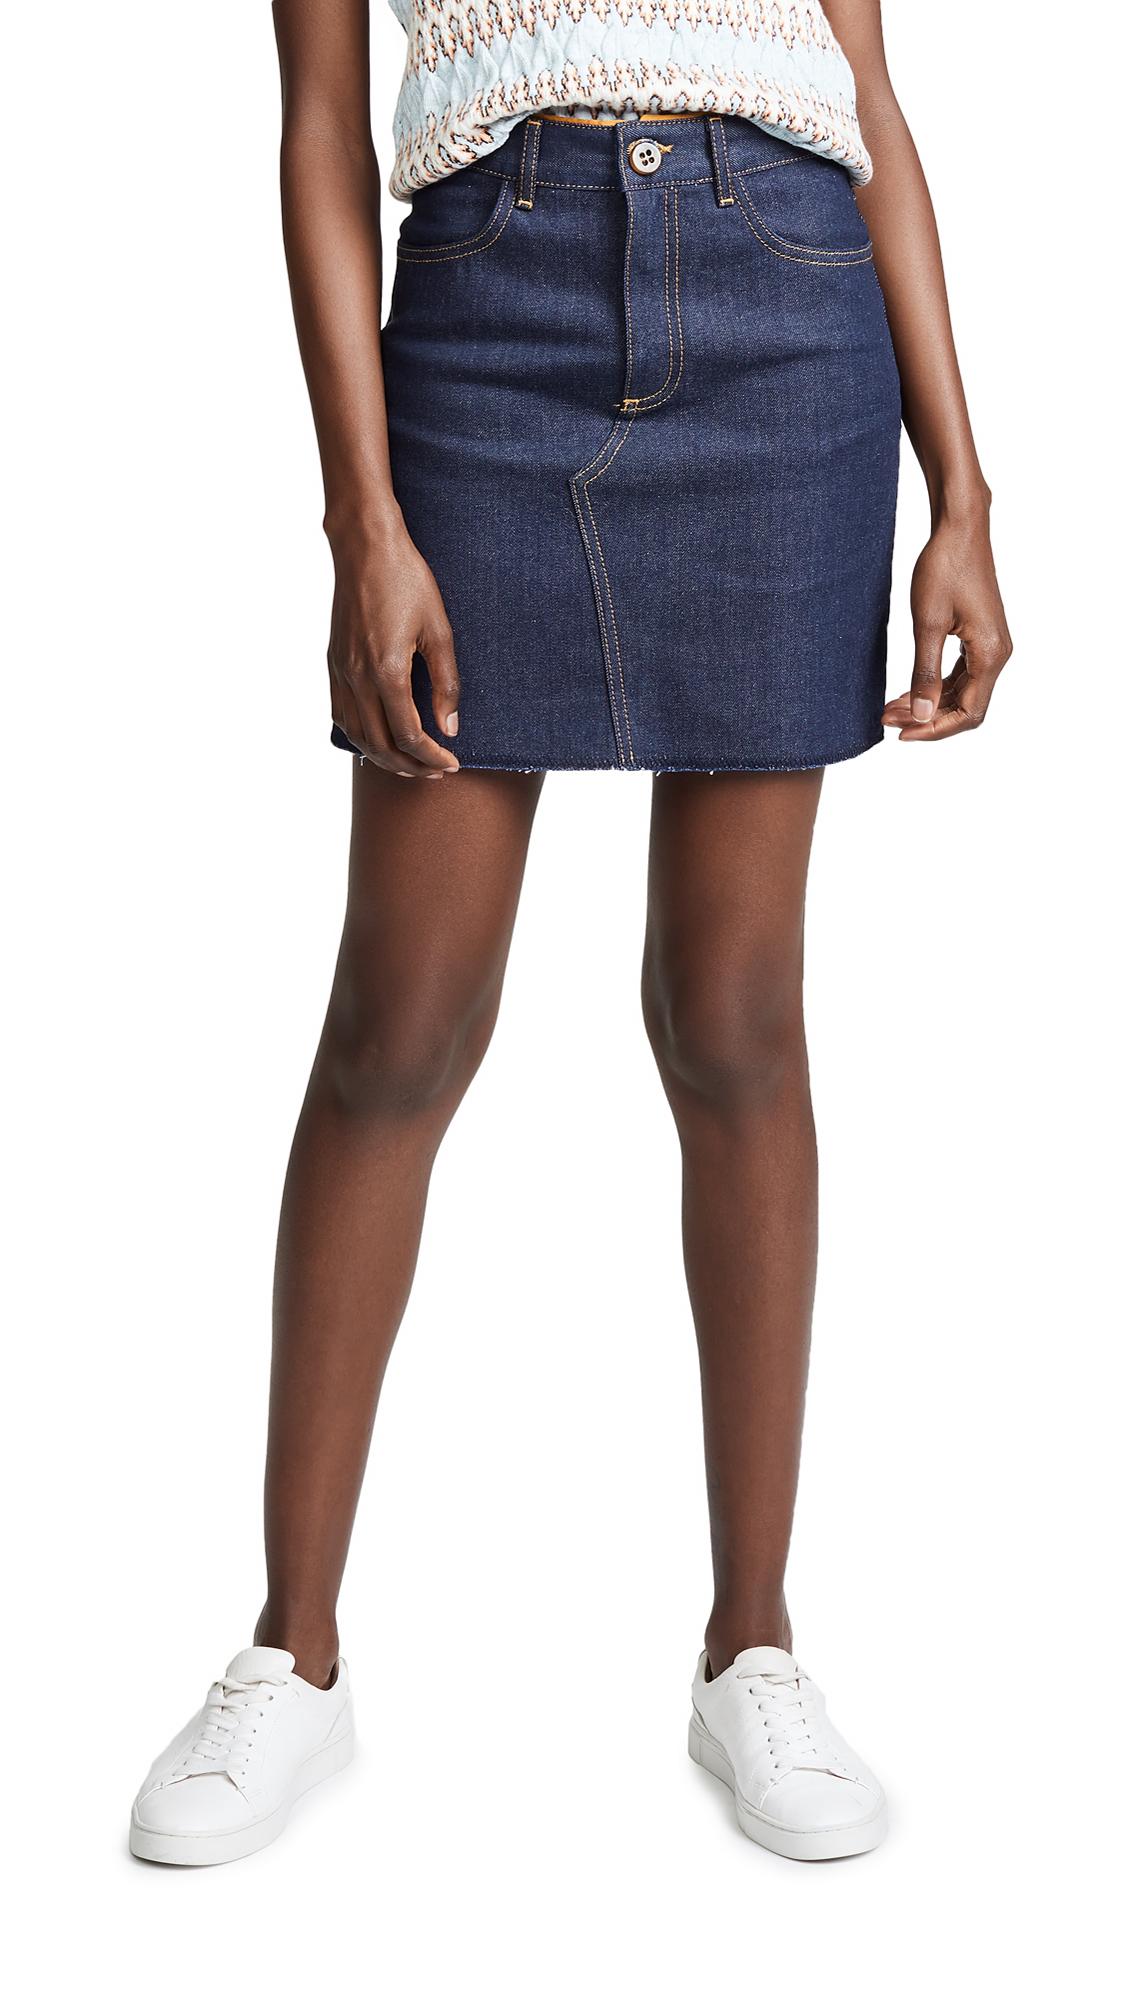 Victoria Victoria Beckham Raw Hem Miniskirt In Raw Indigo